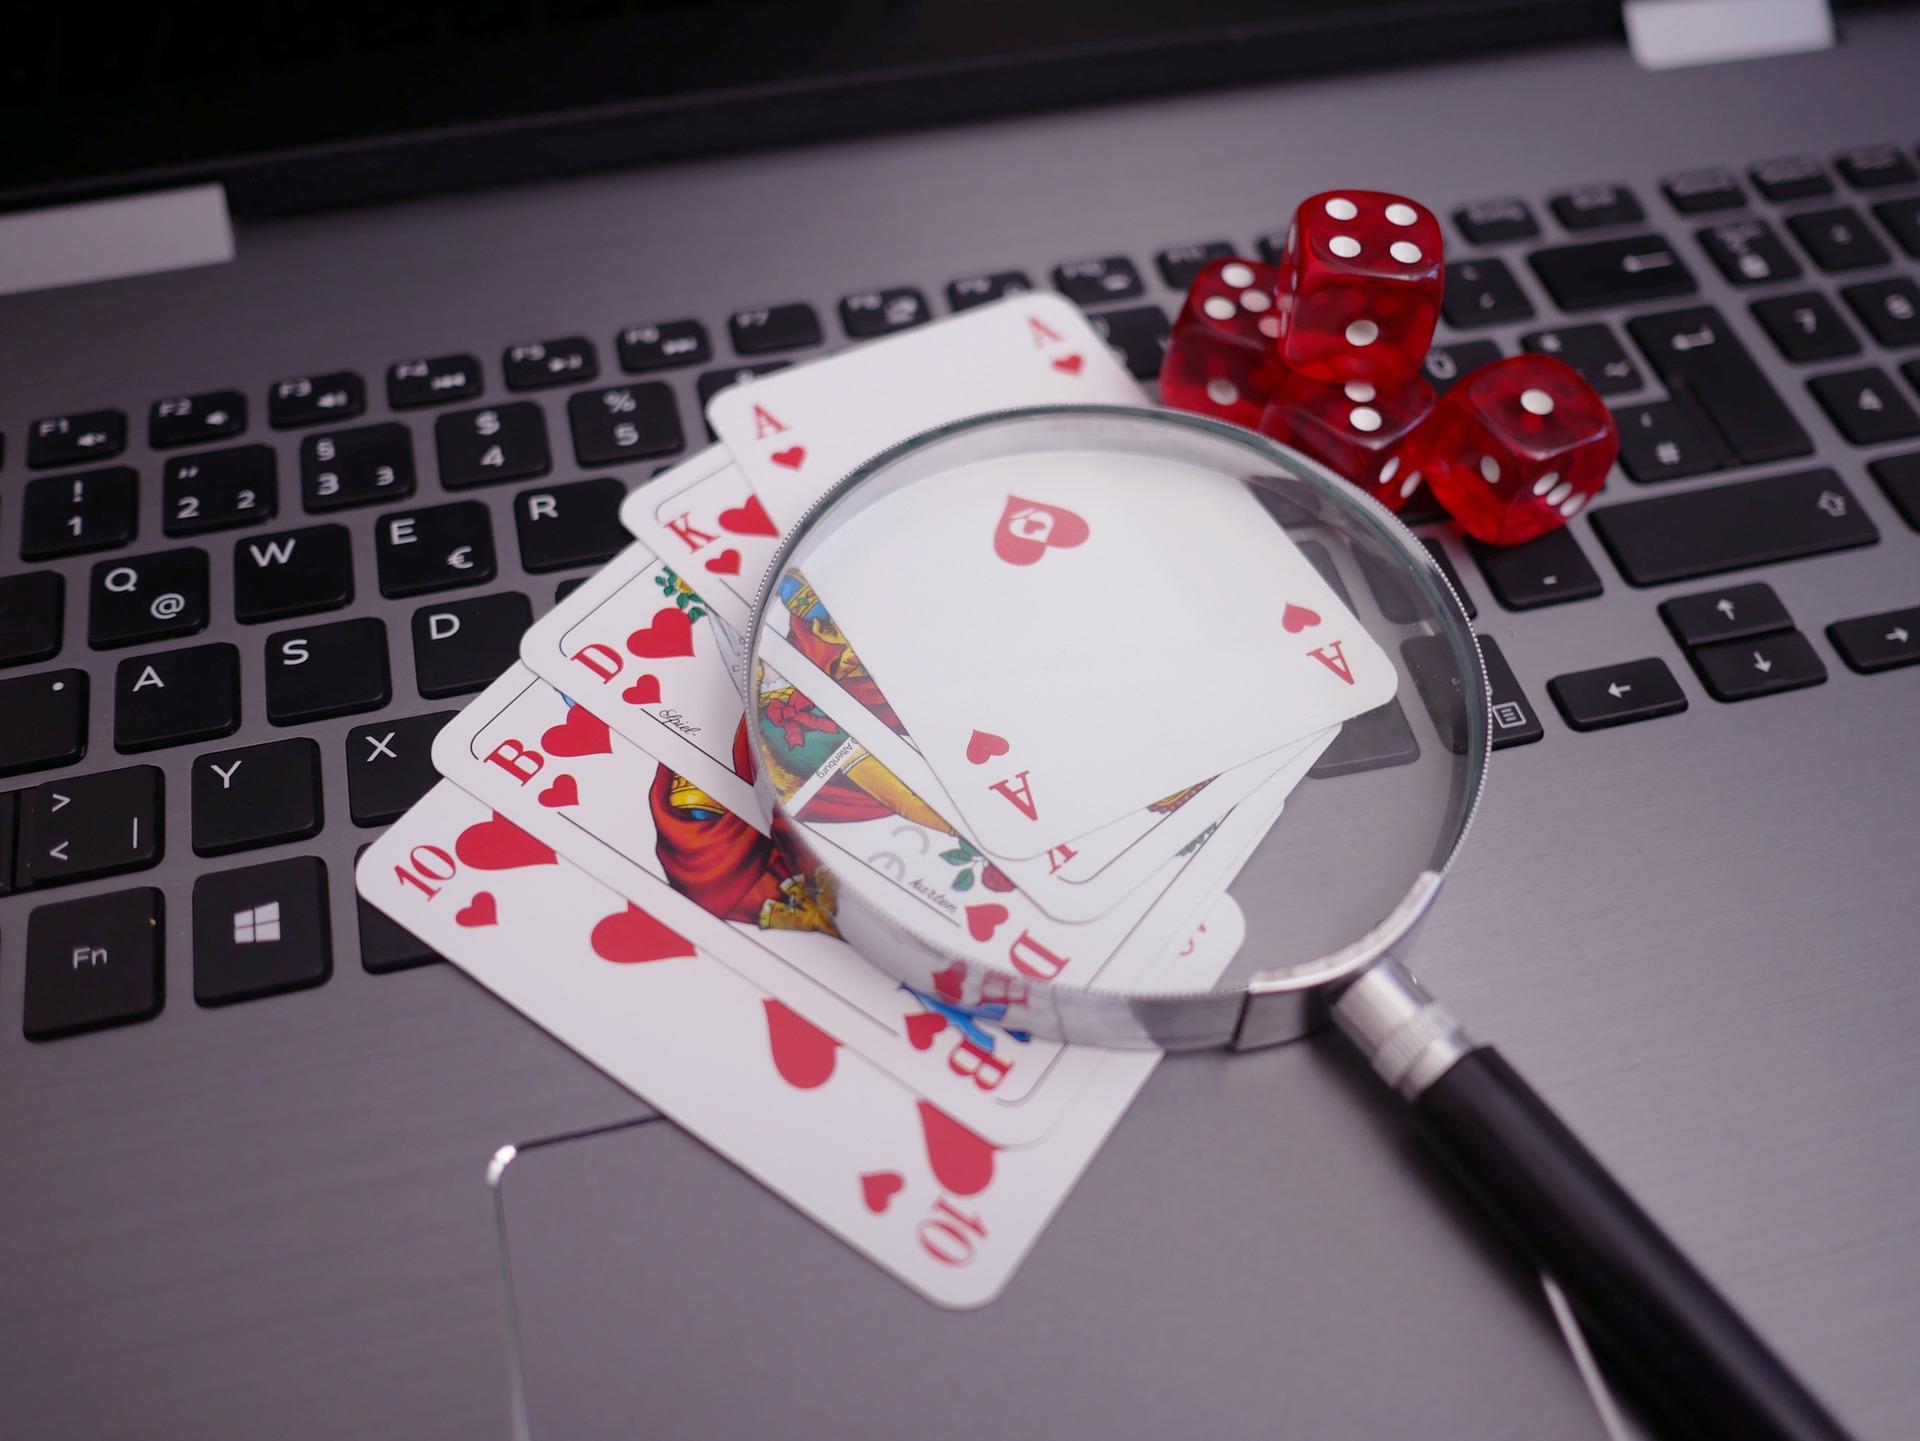 Casinò telematici, ecco i vantaggi del gioco d'azzardo online